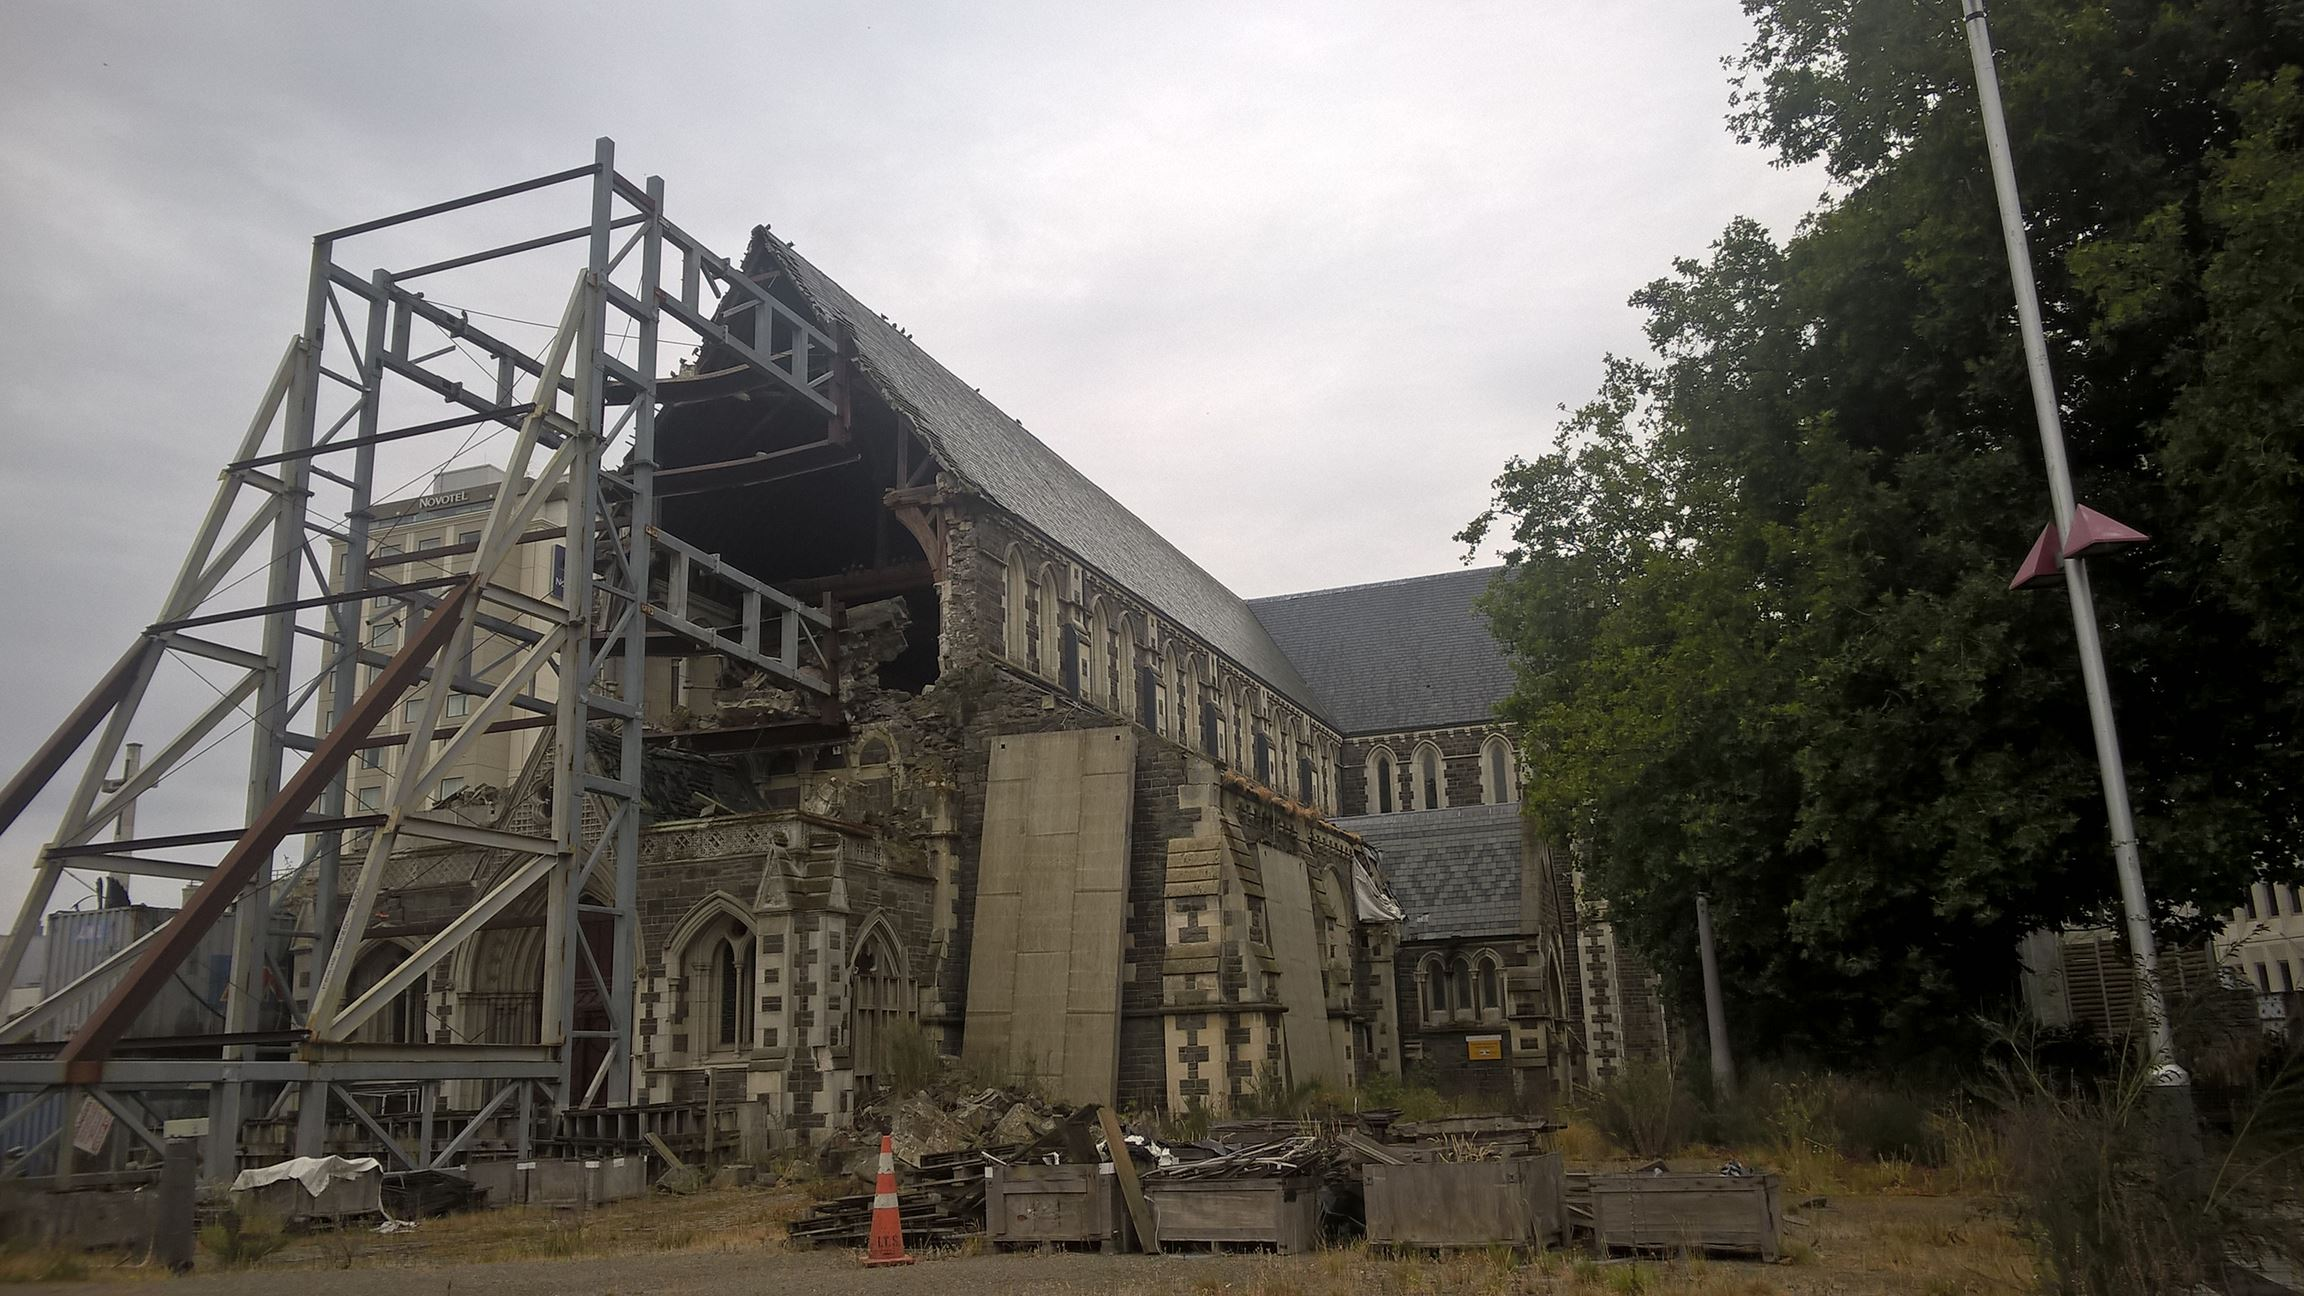 Vieles ist hier noch vom Erdbeben zerstört was man...